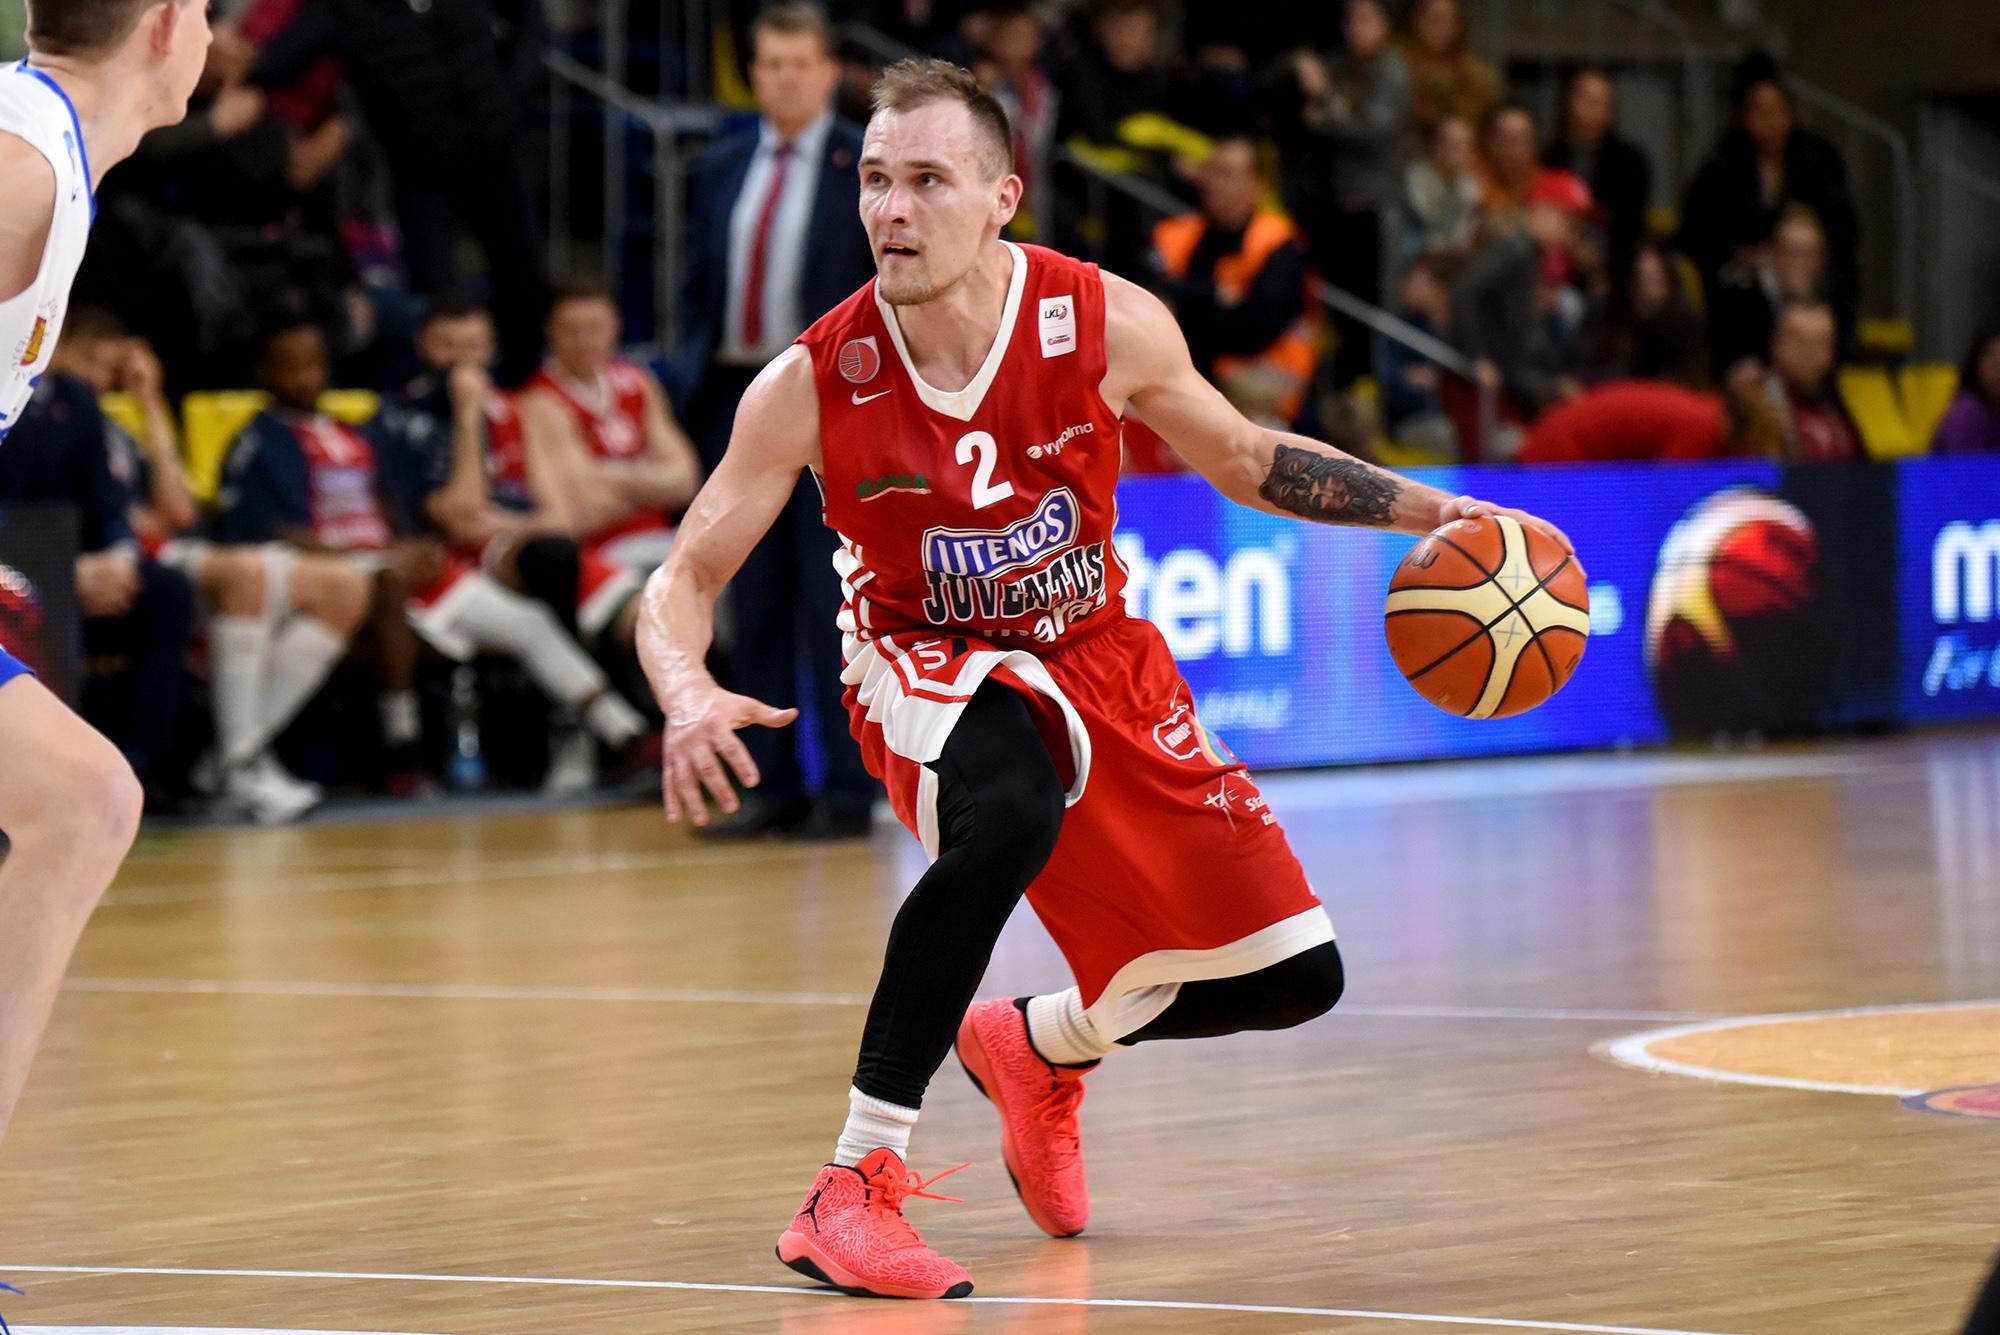 Sėkmingas D.Bičkauskio žaidimas padėjo lietuviams pergalingai startuoti universiadoje